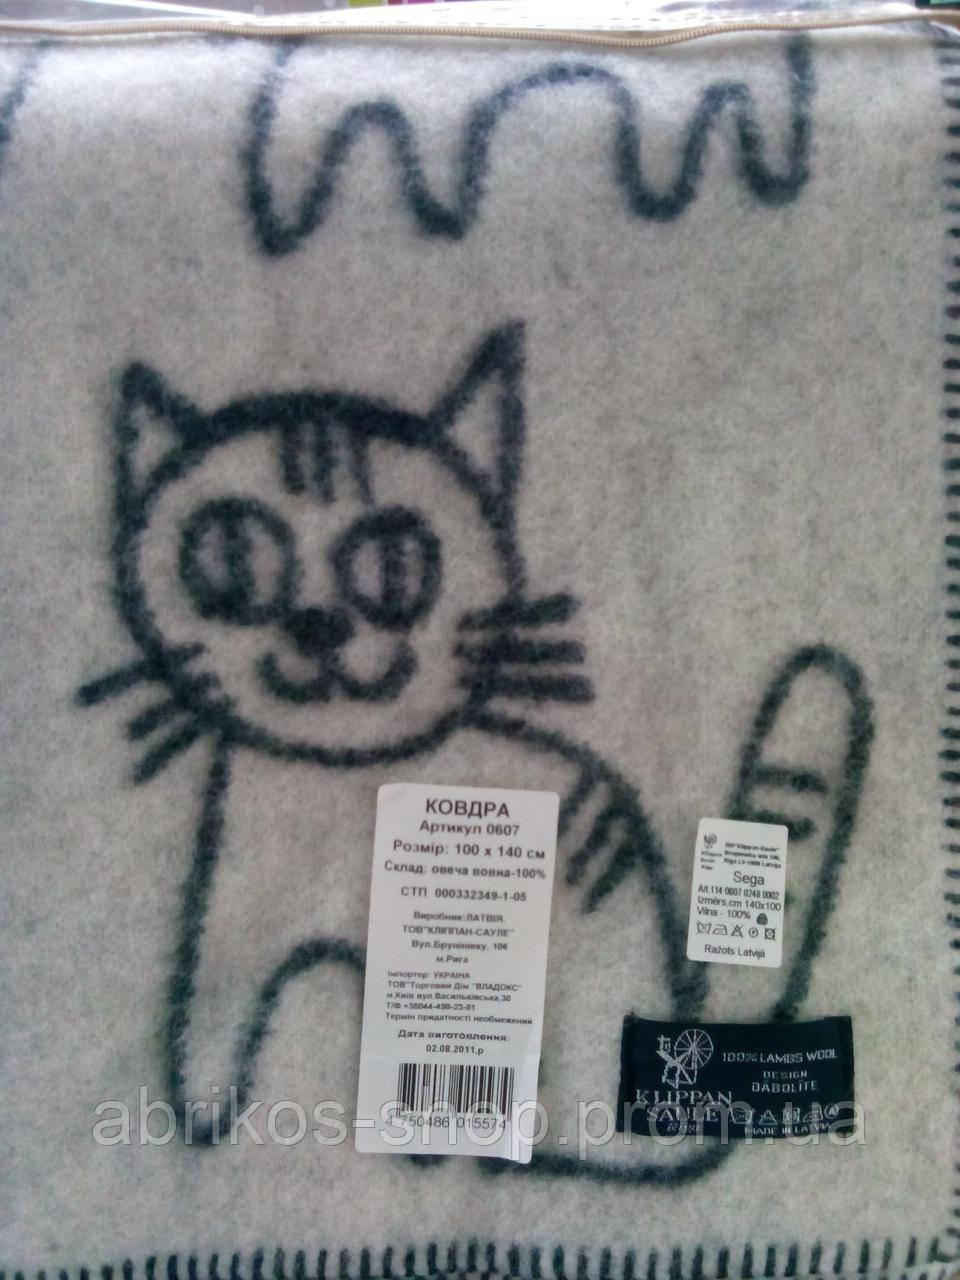 Детское, шерстяное одеяло -  Коты   Klippan Saule (Riga )